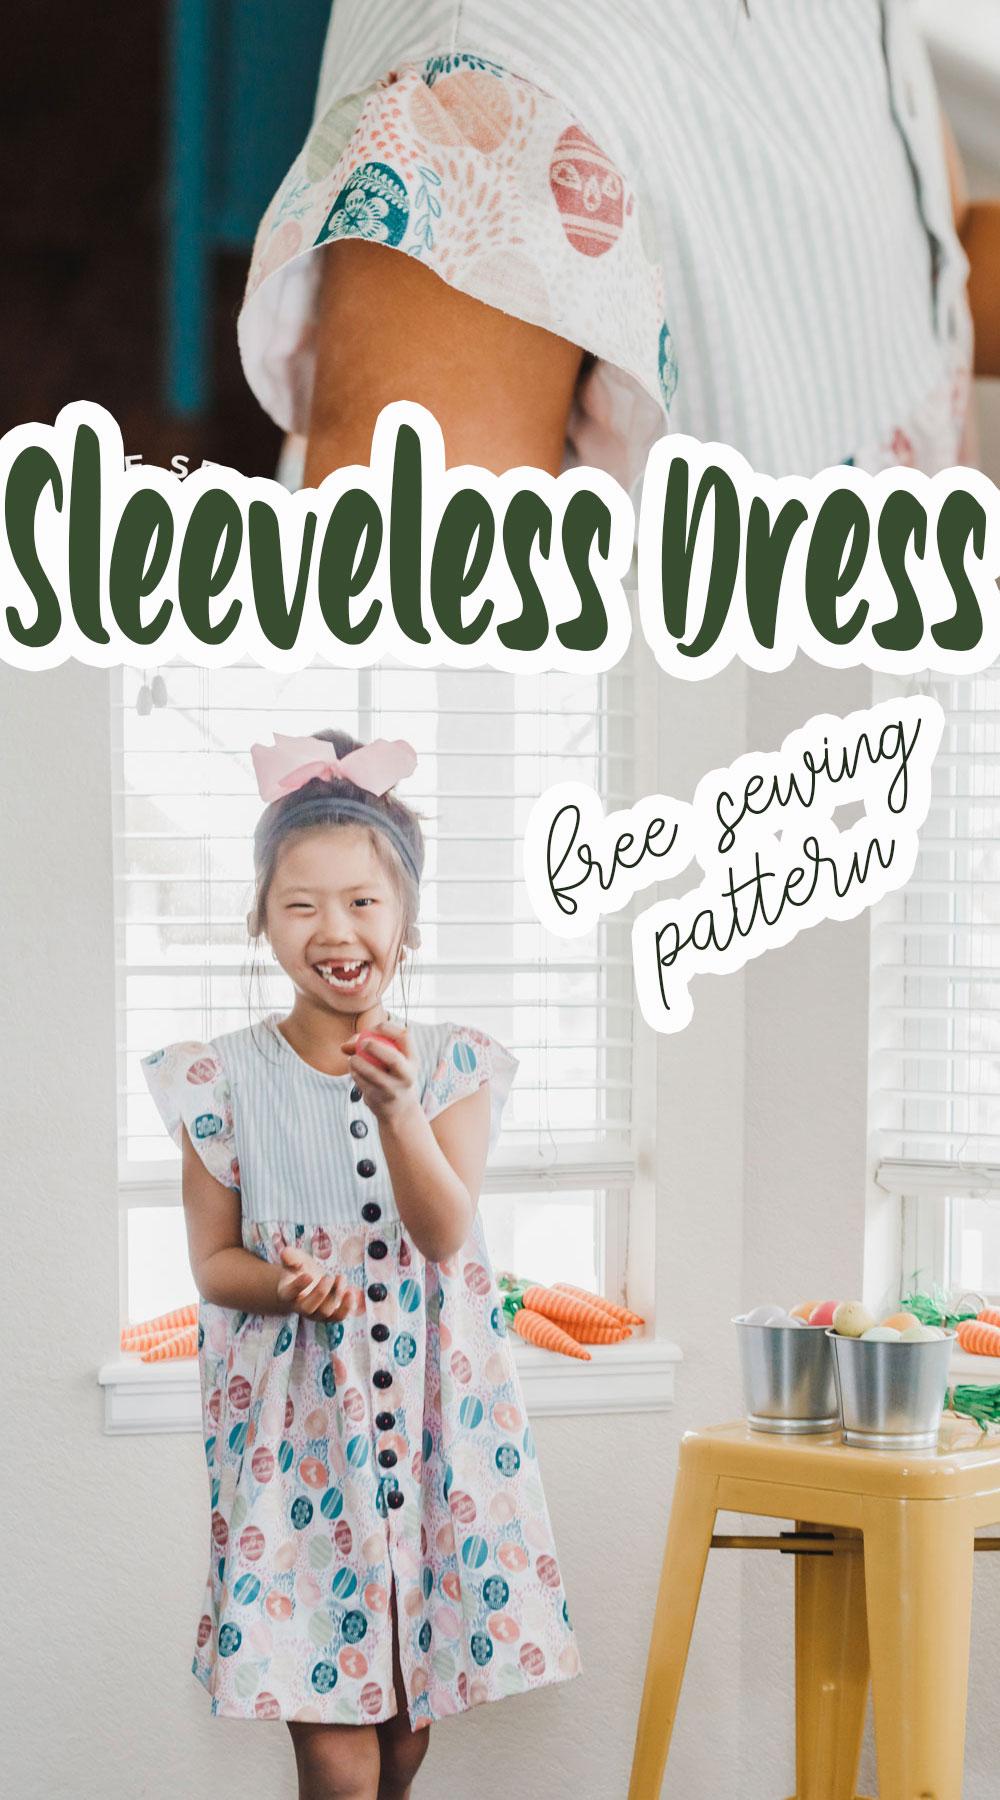 sleeveless dress pattern free from Life Sew Savory